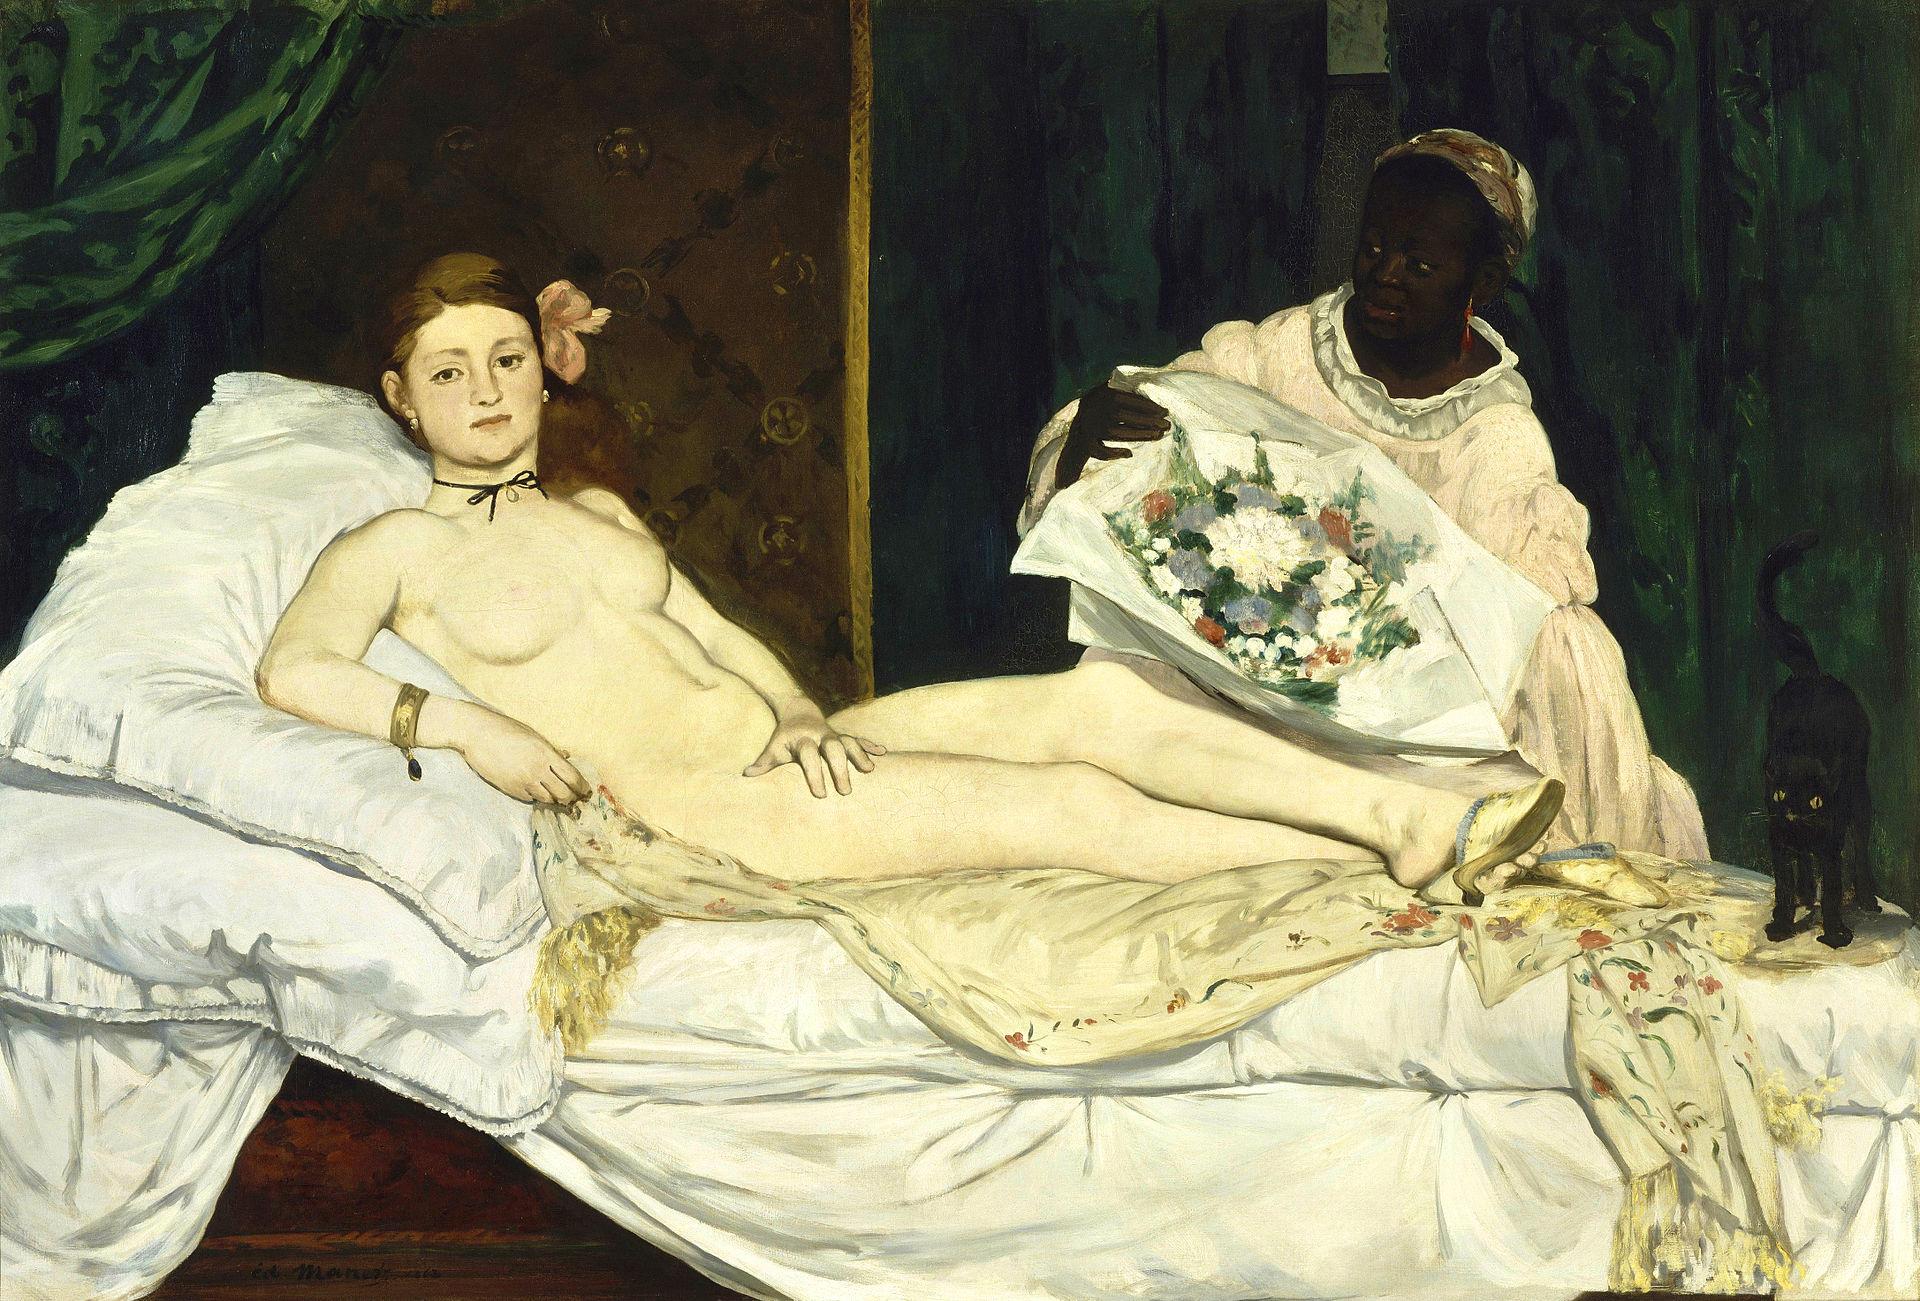 Édouard Manet,  Olympia , 1863, Musée d'Orsay, Paris.